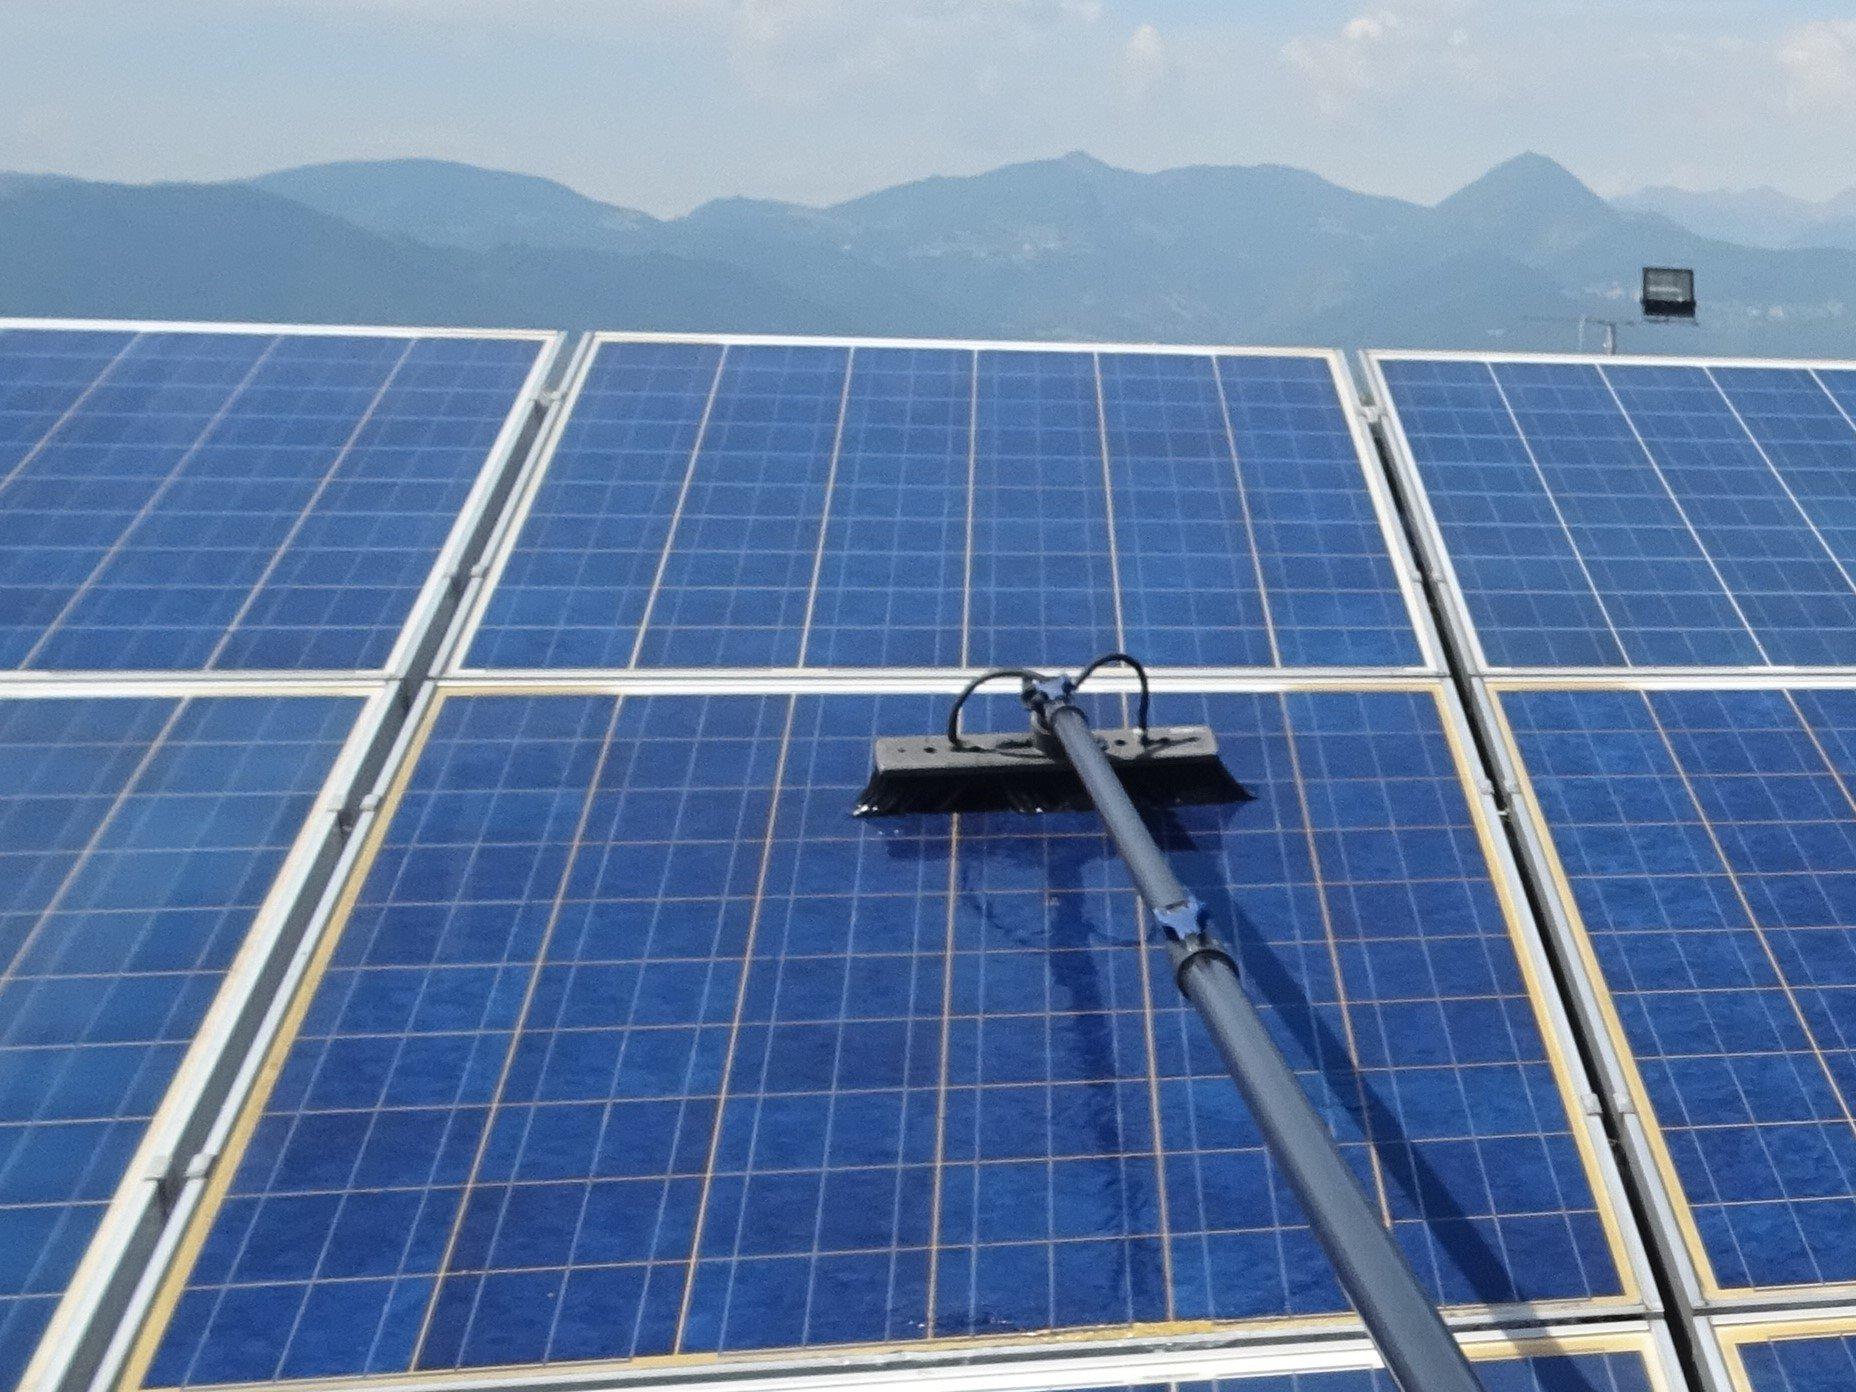 Inquadratura frontale di pannelli fotovoltaici blu su un tetto con spazzola per la pulizia